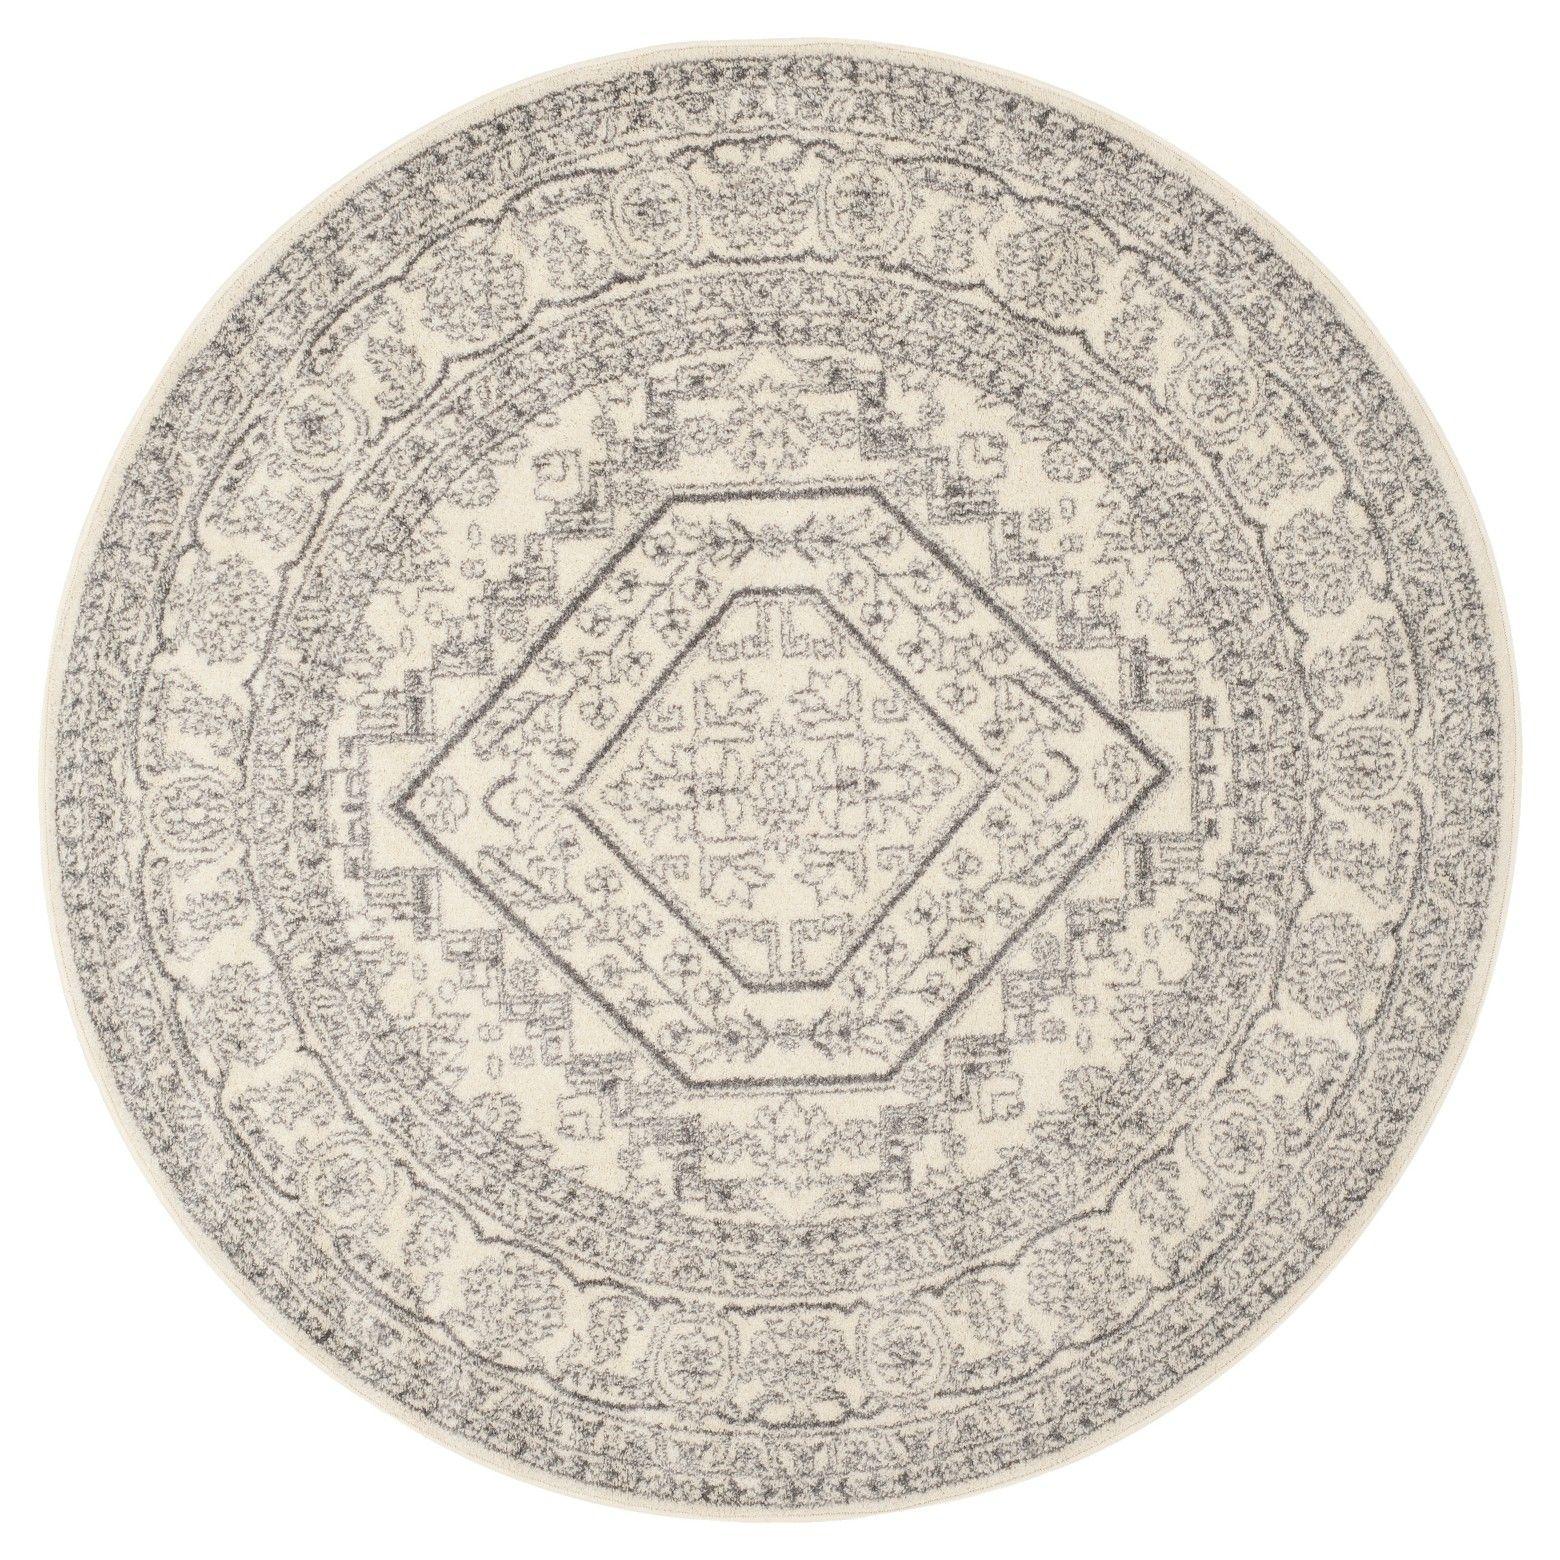 6' Round Aldwin Area Rug Ivory/Silver Safavieh Round